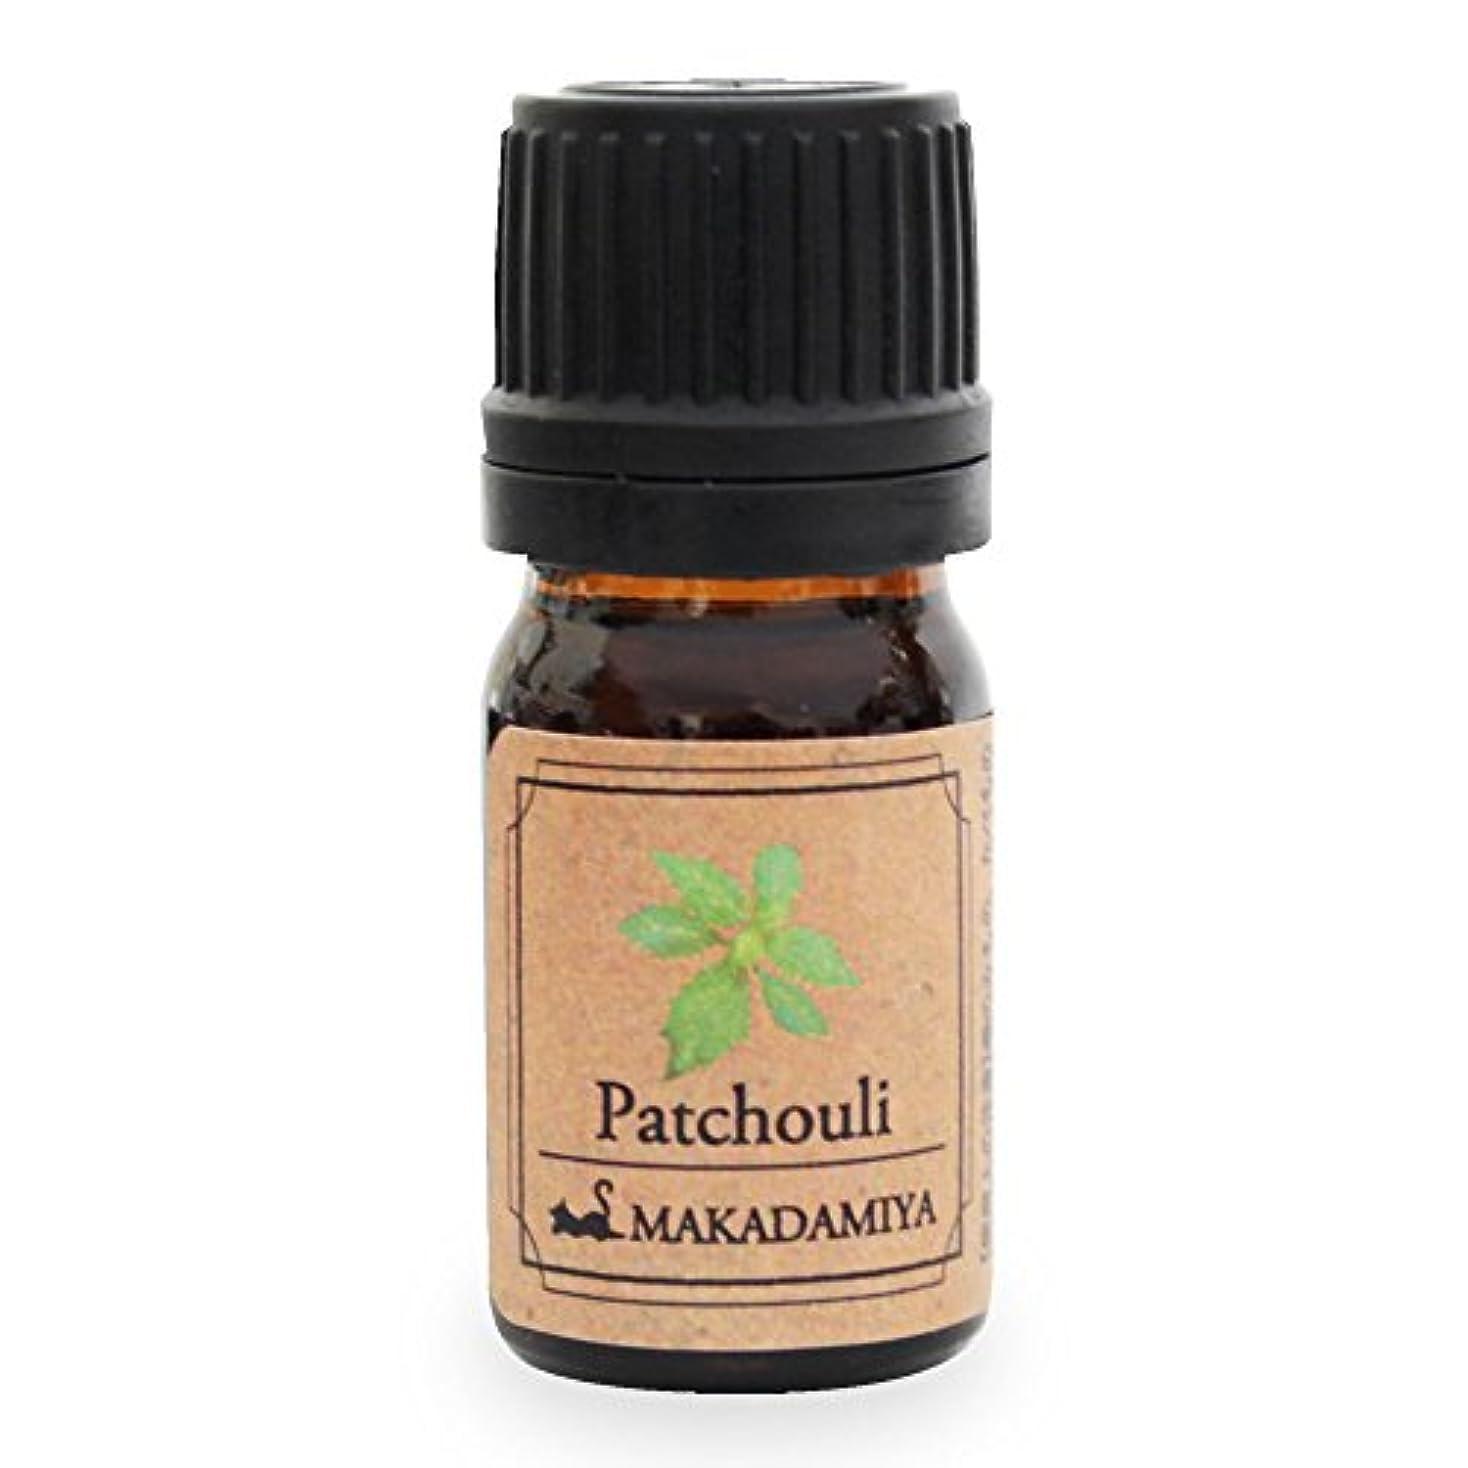 引き出すおもてなしコンサートパチュリ5ml 天然100%植物性 エッセンシャルオイル(精油) アロマオイル アロママッサージ aroma Patchouli